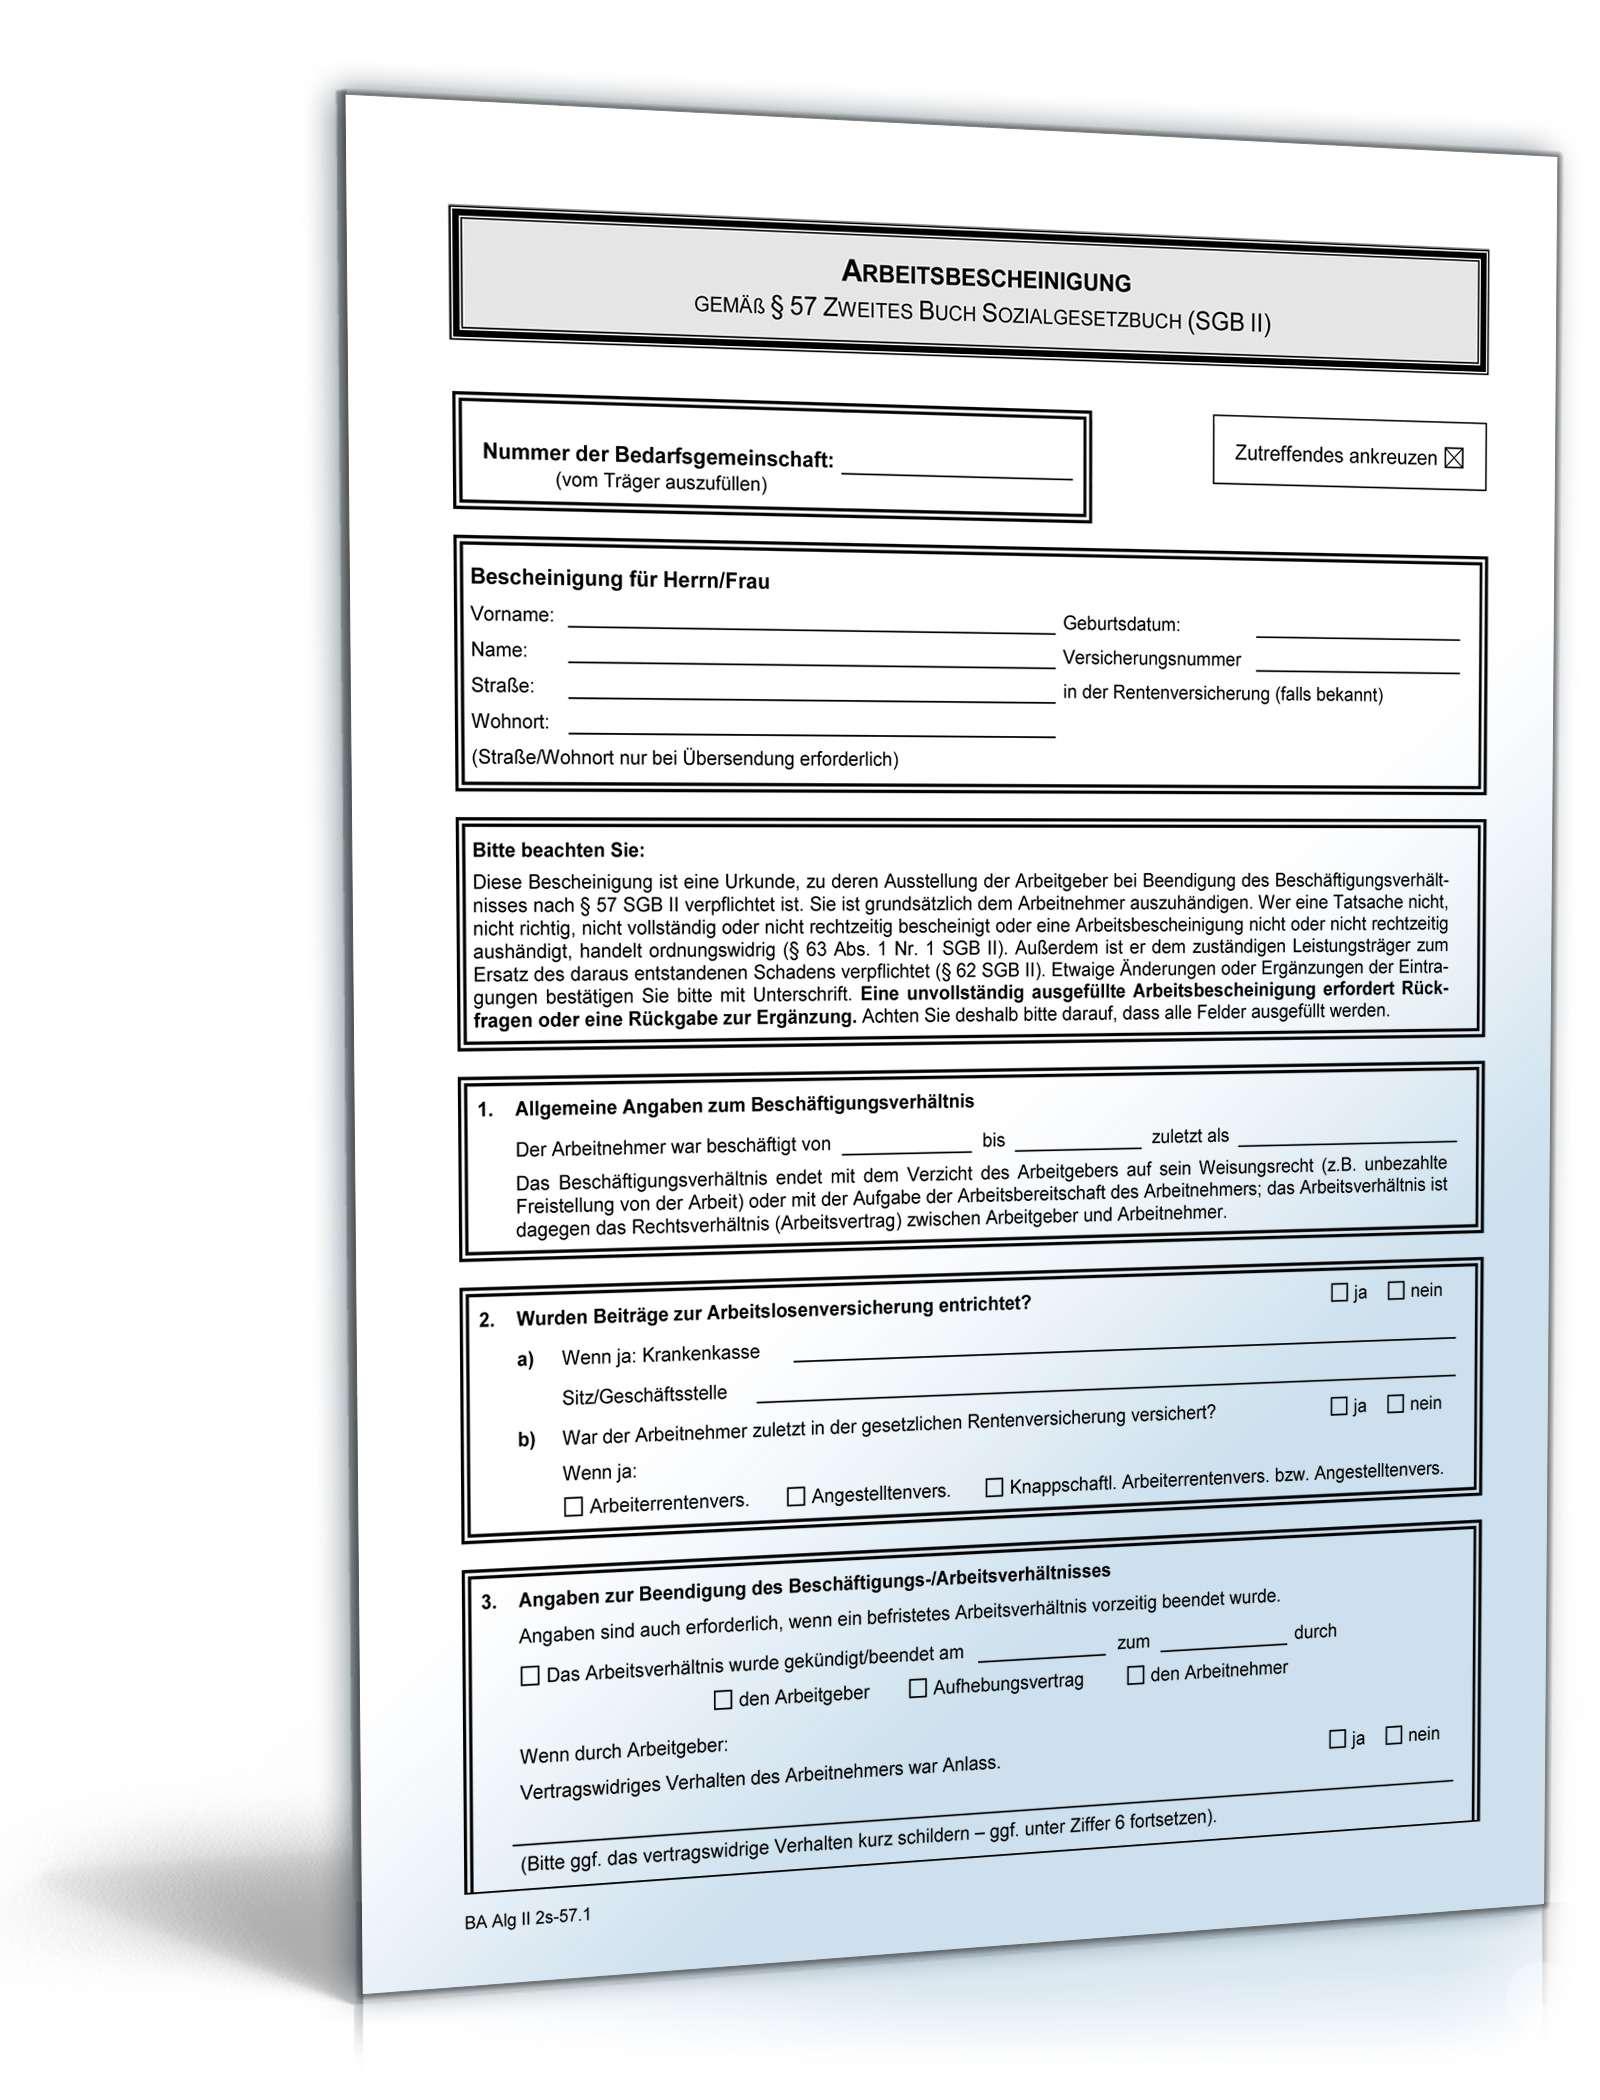 Arbeitsbescheinigung Nach Alg Ii Formular Zum Download